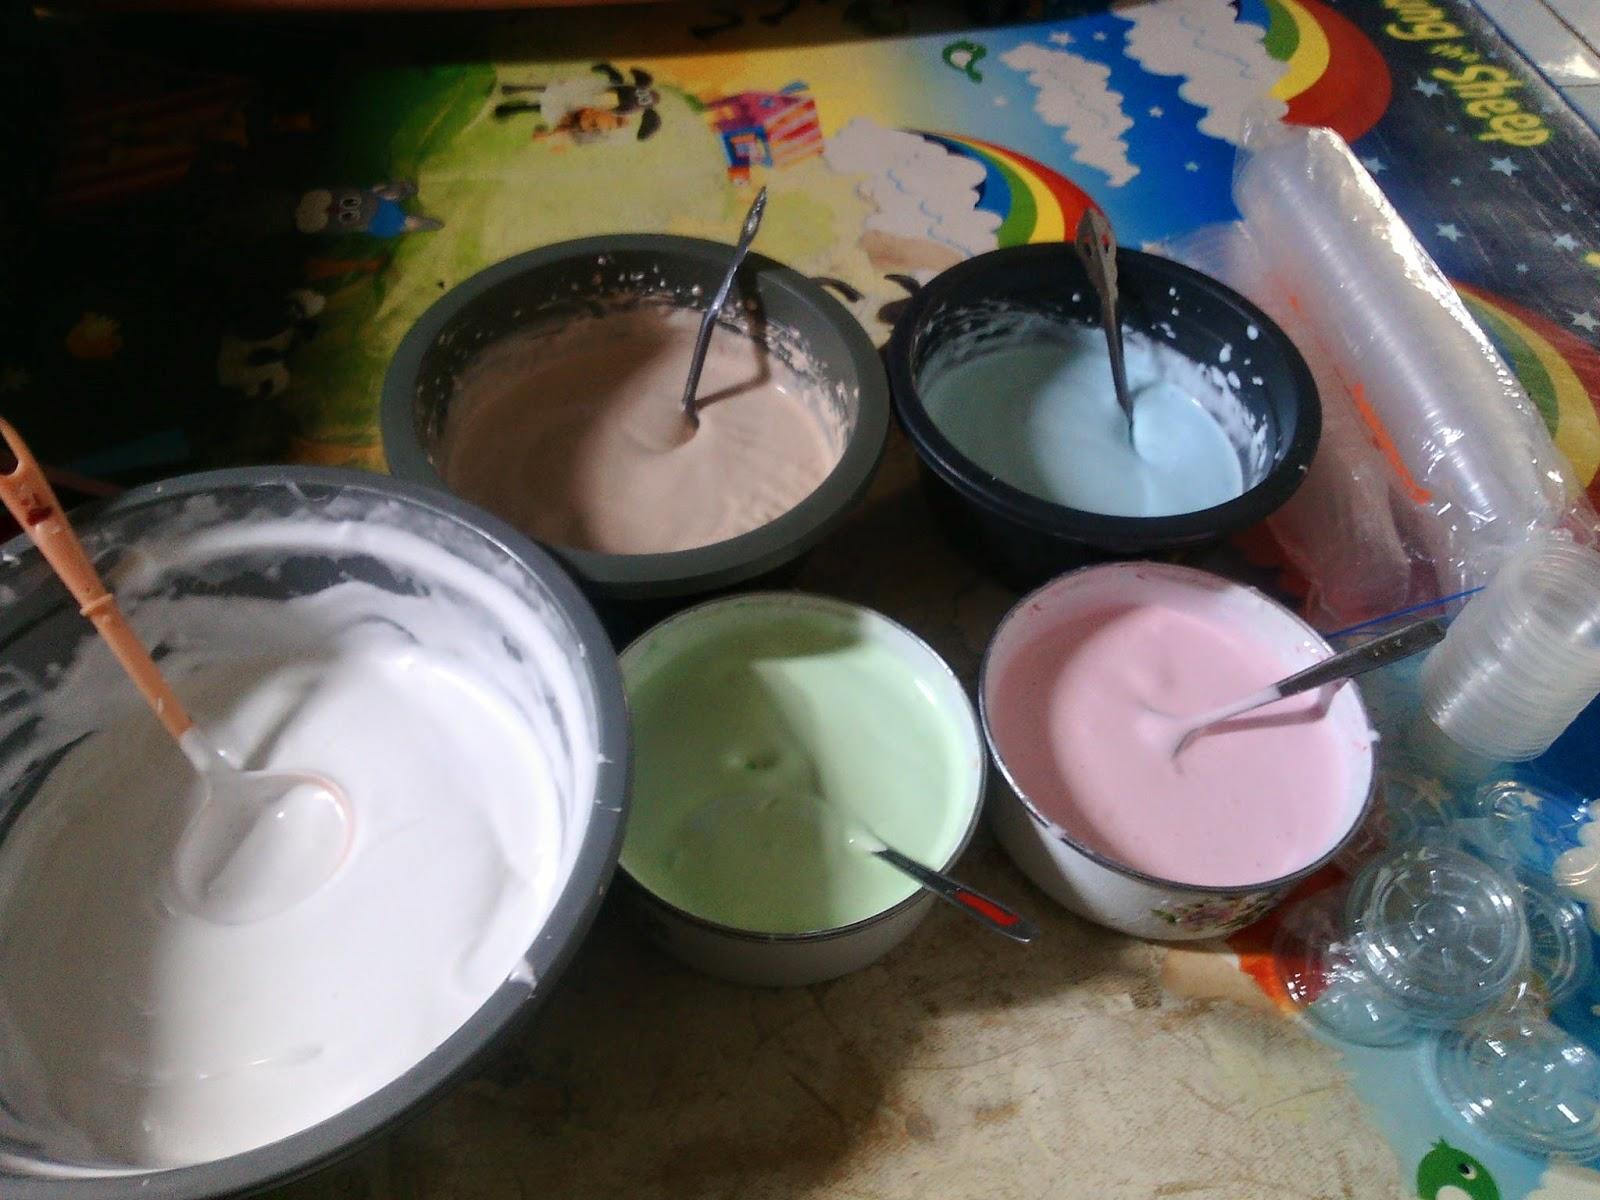 Resep Dan Cara Mudah Membuat Es Krim Lezat  Aneka Resep